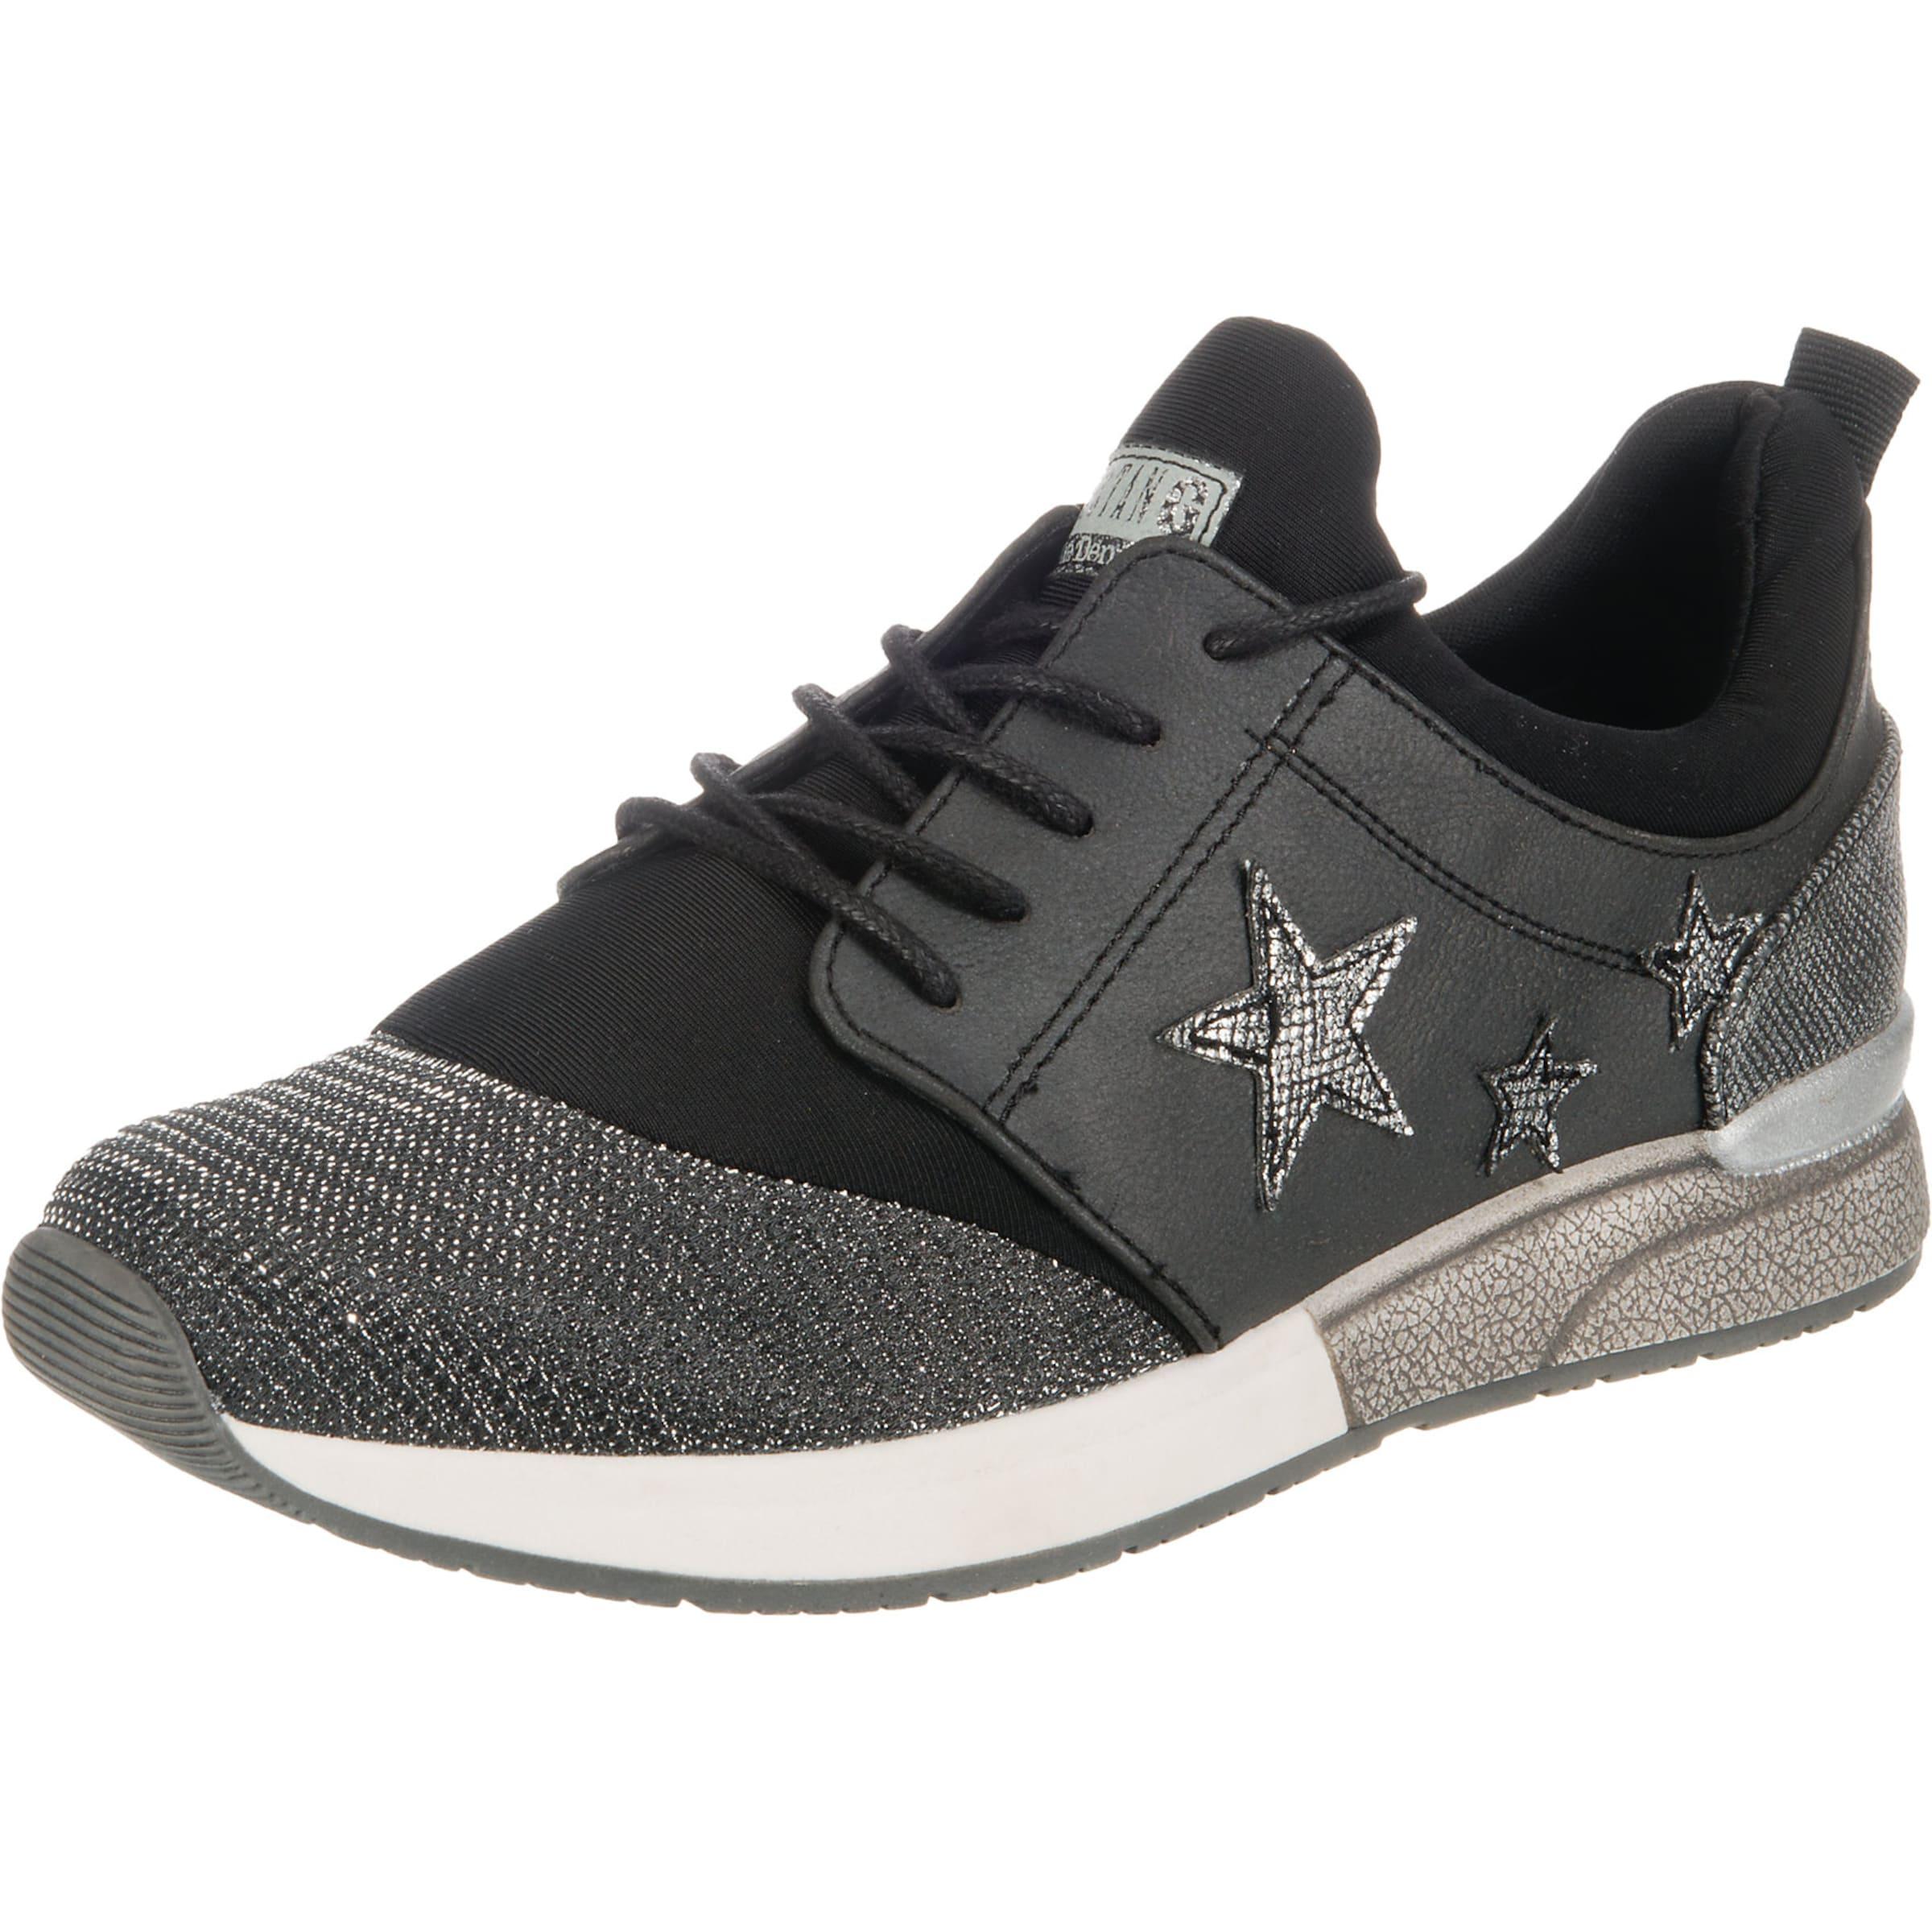 Sneakers Sneakers Sneakers Schwarz Mustang In Schwarz Low In Mustang Low Mustang In Low Nwy8vn0mO